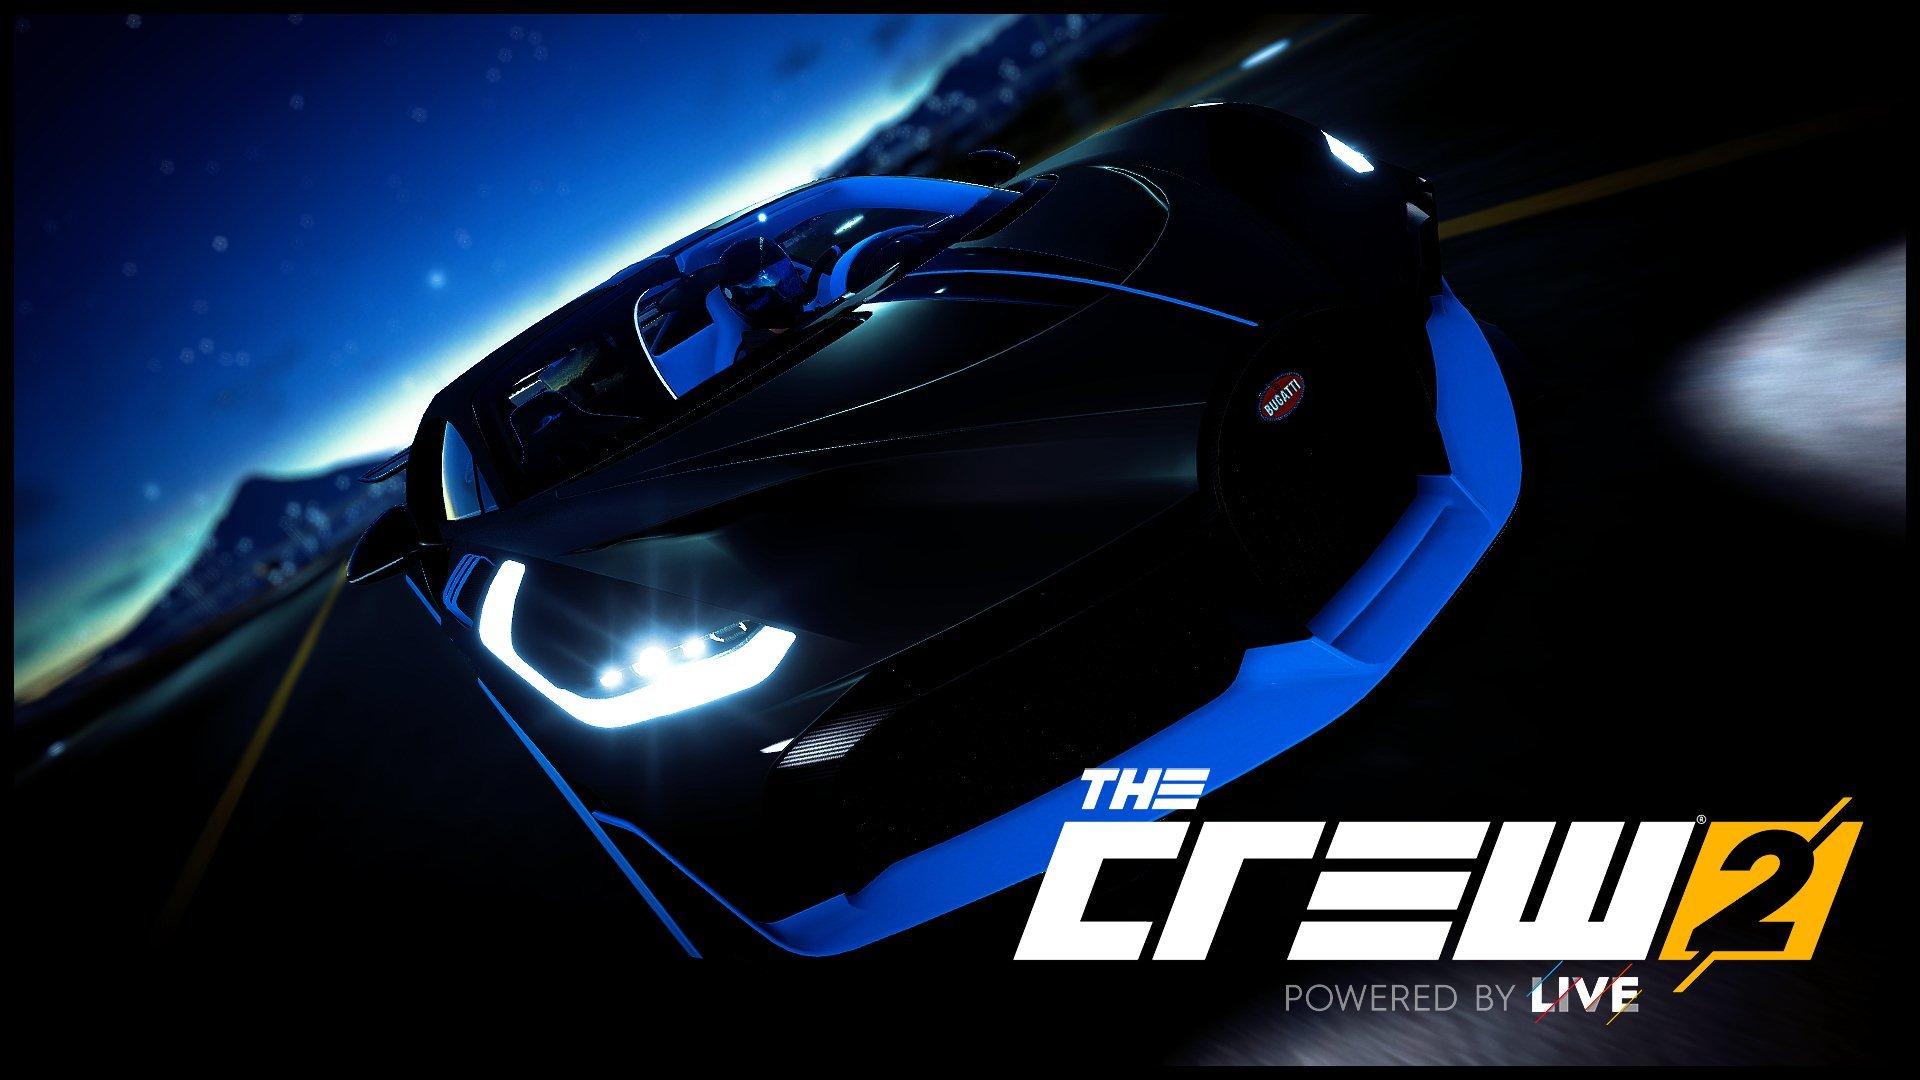 ゲーム「THE CREW2 無料大型アップデート第3弾!!!!」_b0362459_08122916.jpeg